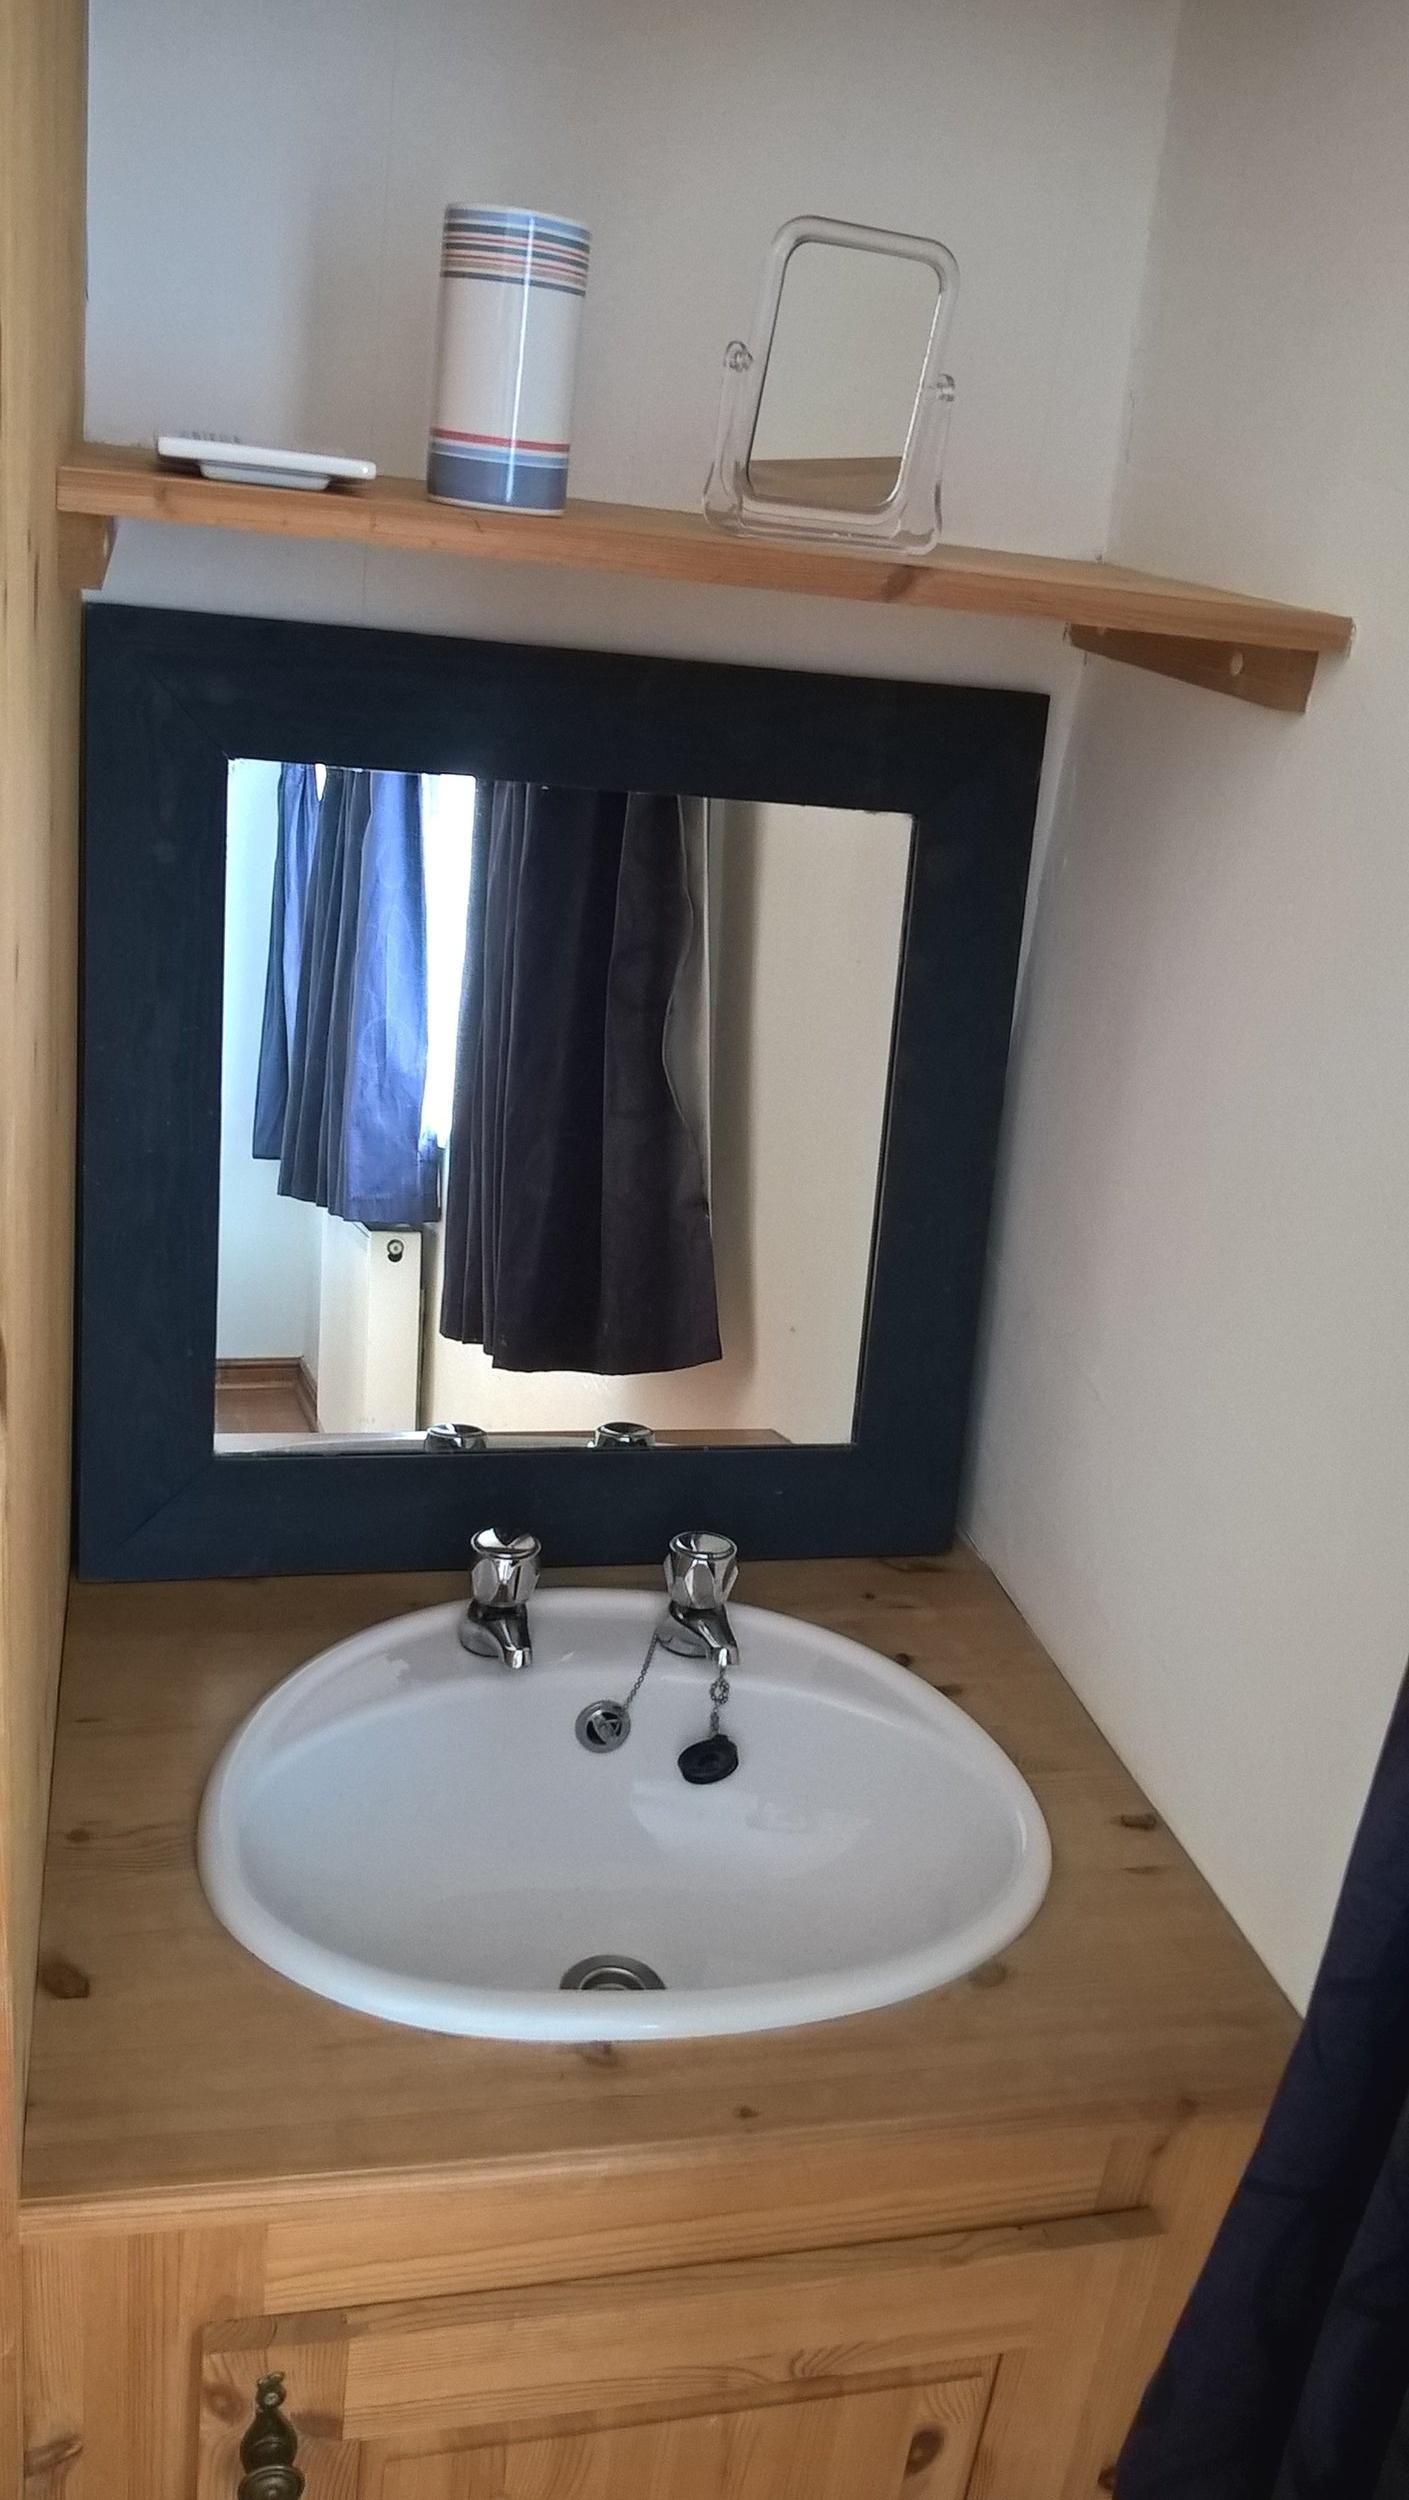 FD washbasin.jpg